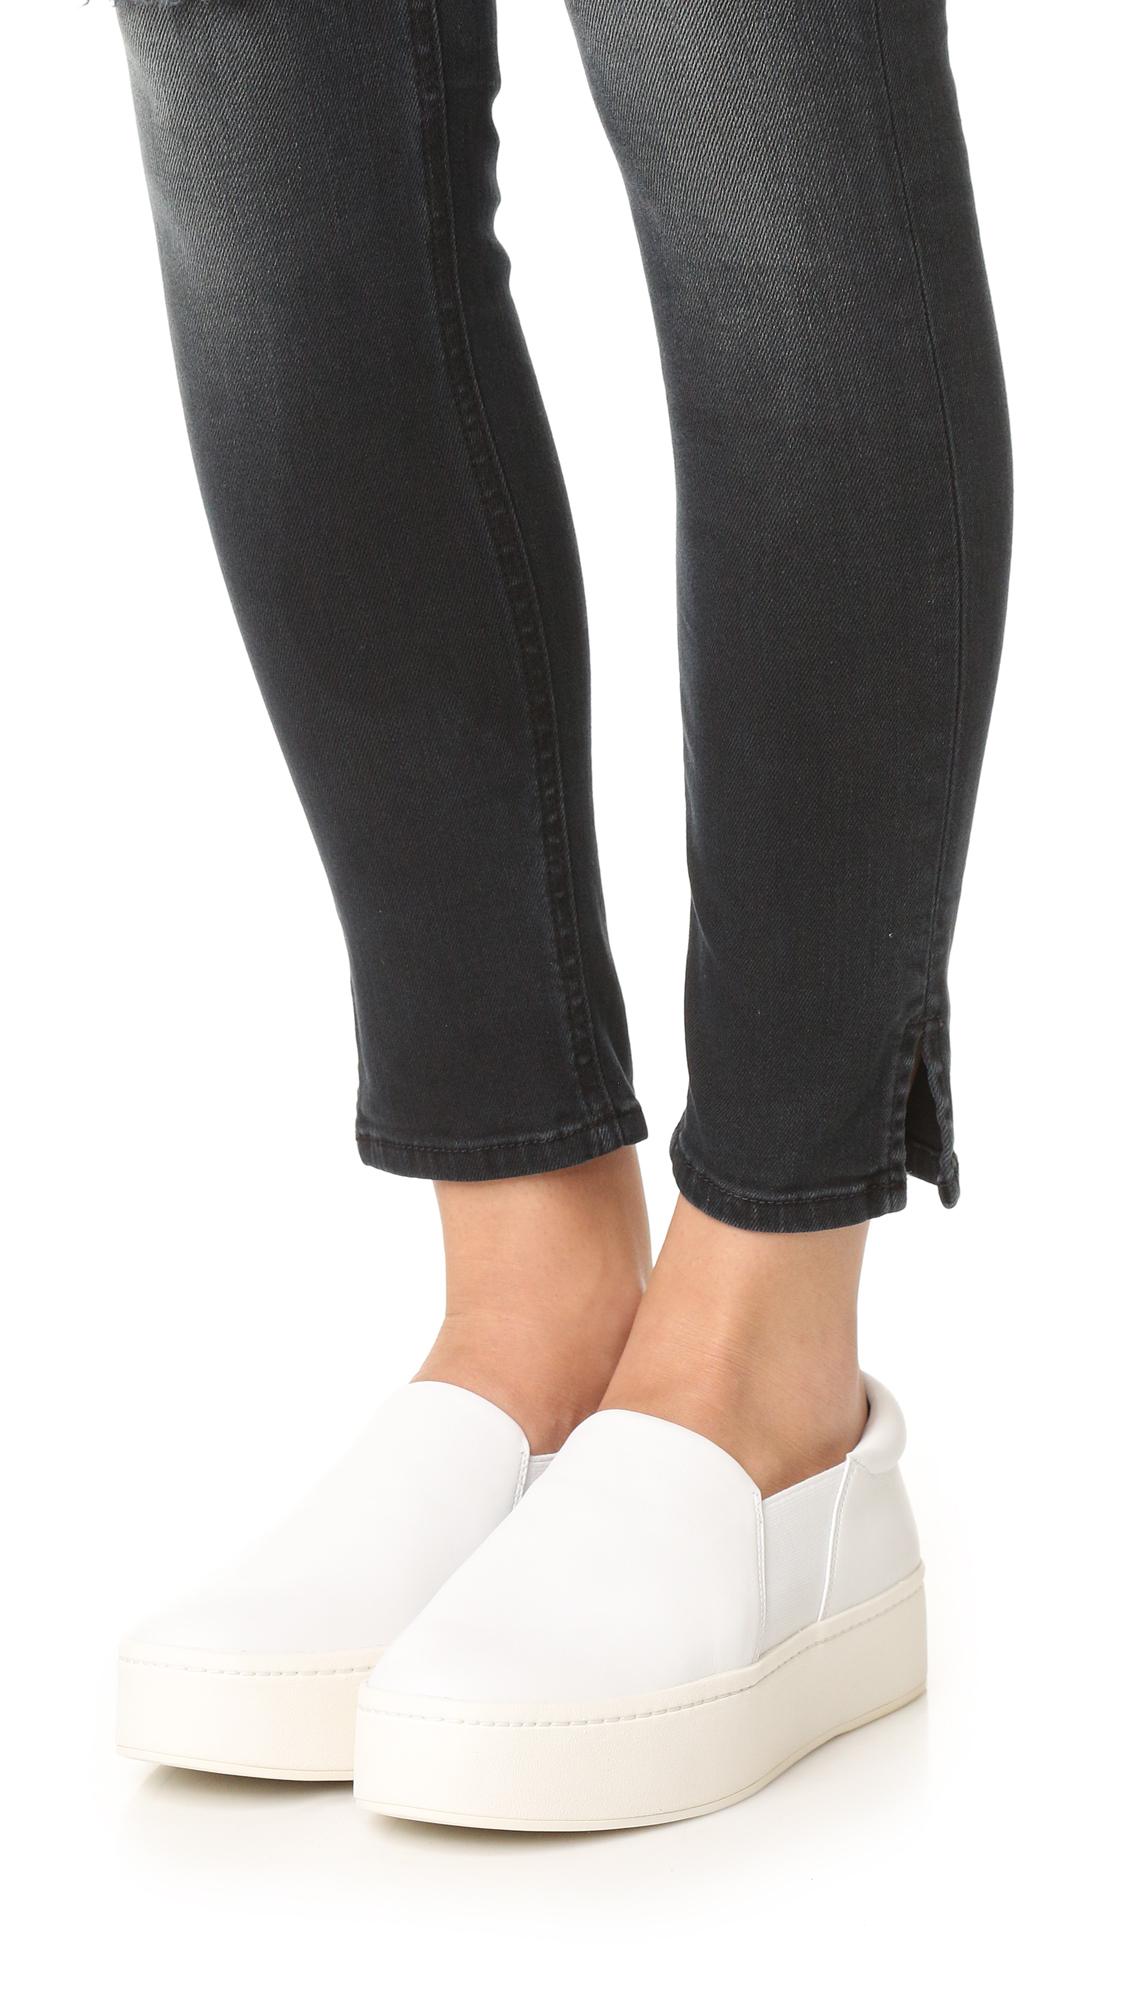 2bdef2c0efdc Vince Warren Platform Sneakers